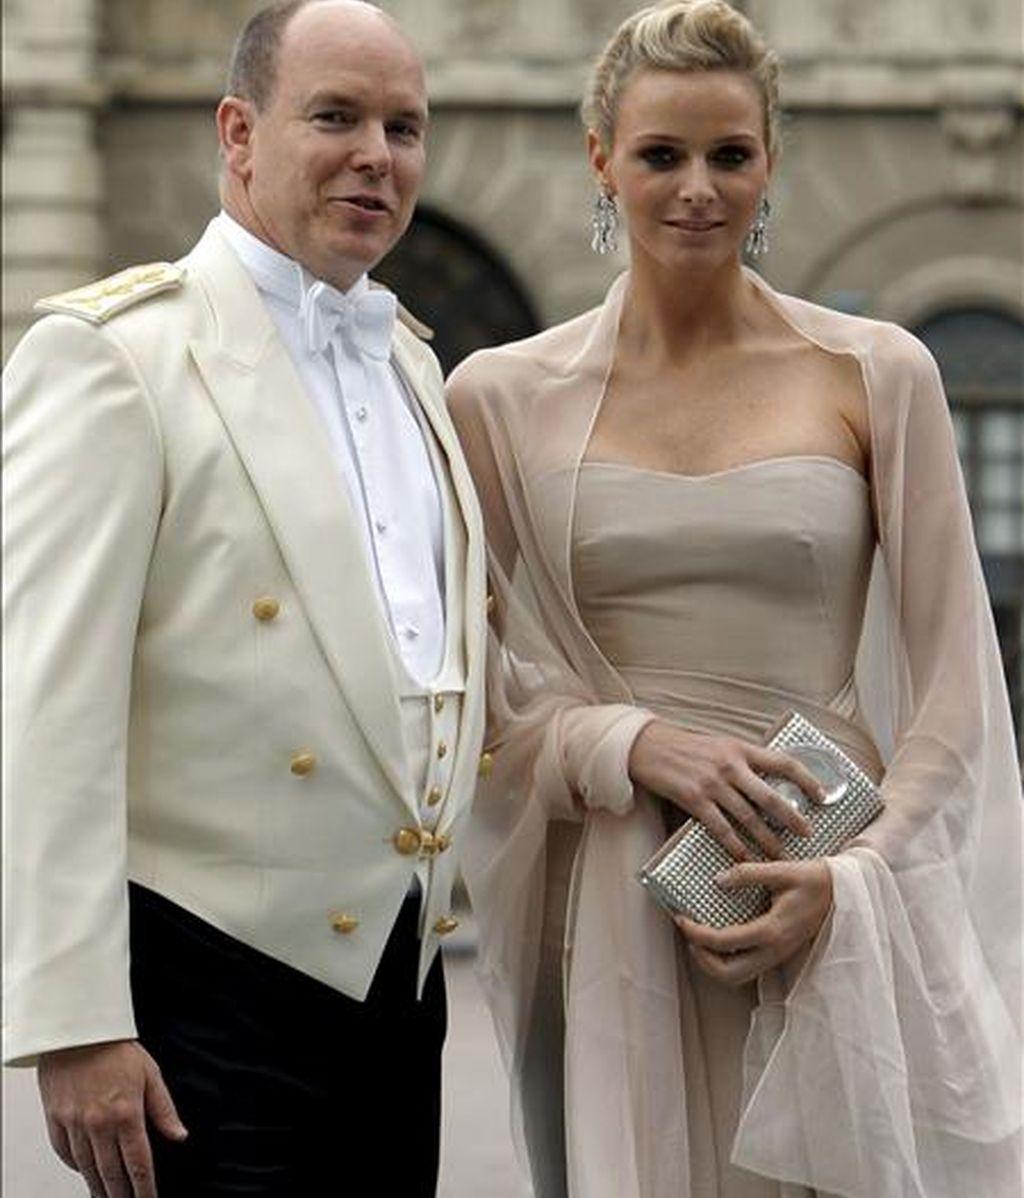 El príncipe Alberto de Mónaco y Charlene Wittstock, a su llegada a la boda de la princesa heredera Victoria de Suecia y su prometido, Daniel Westling, en la catedral de San Nicolás de Estocolmo (Suecia), el pasado 19 de junio. EFE/Archivo